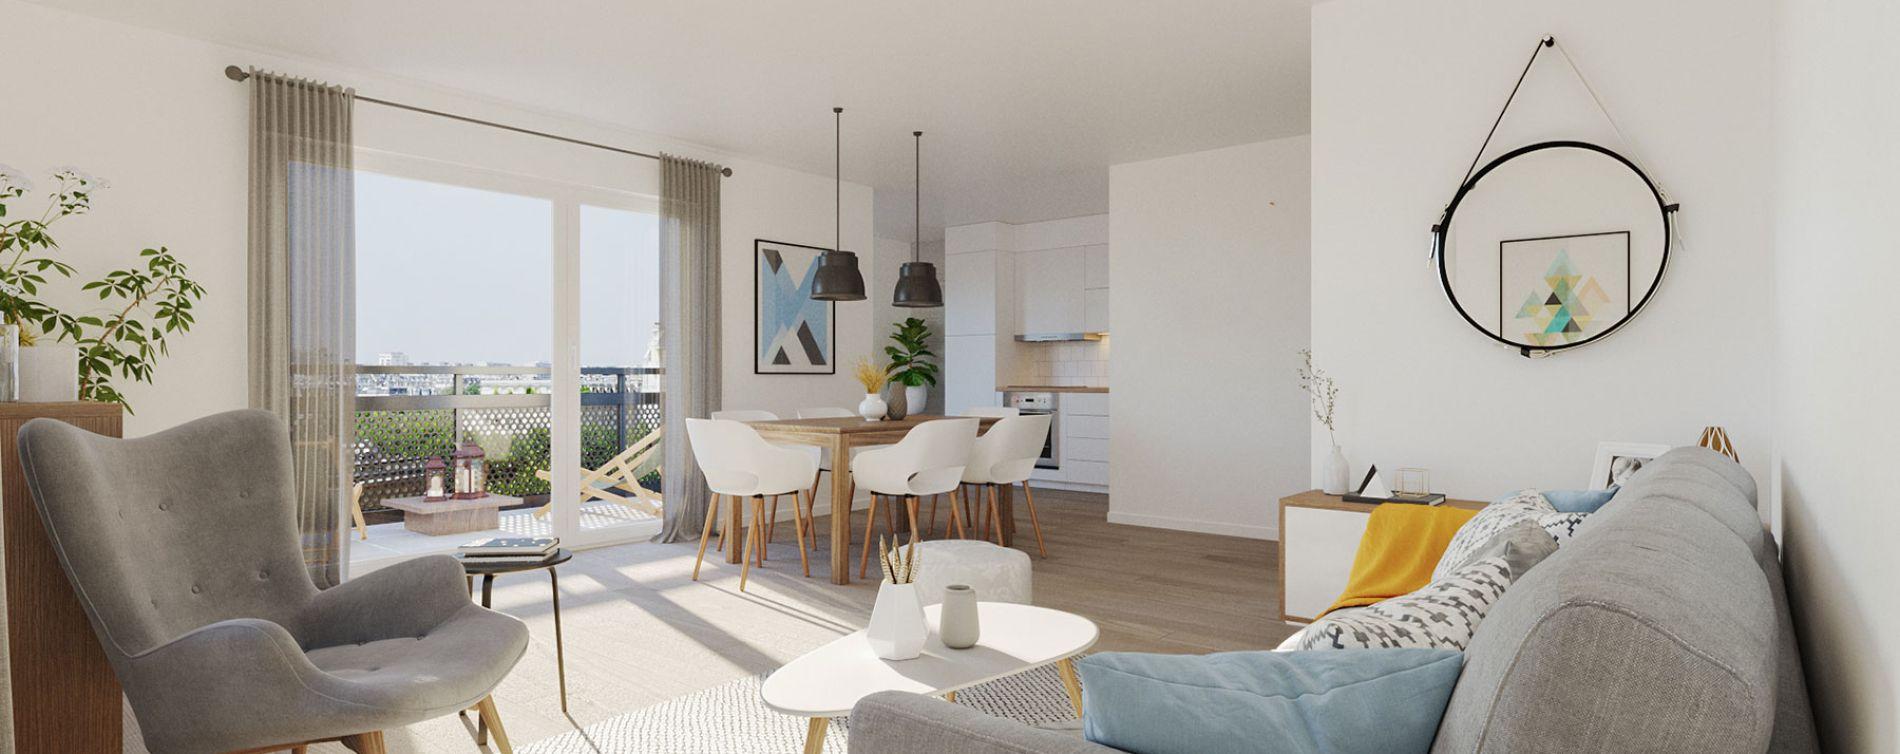 Les Ponts-de-Cé : programme immobilier neuve « Novela » (3)